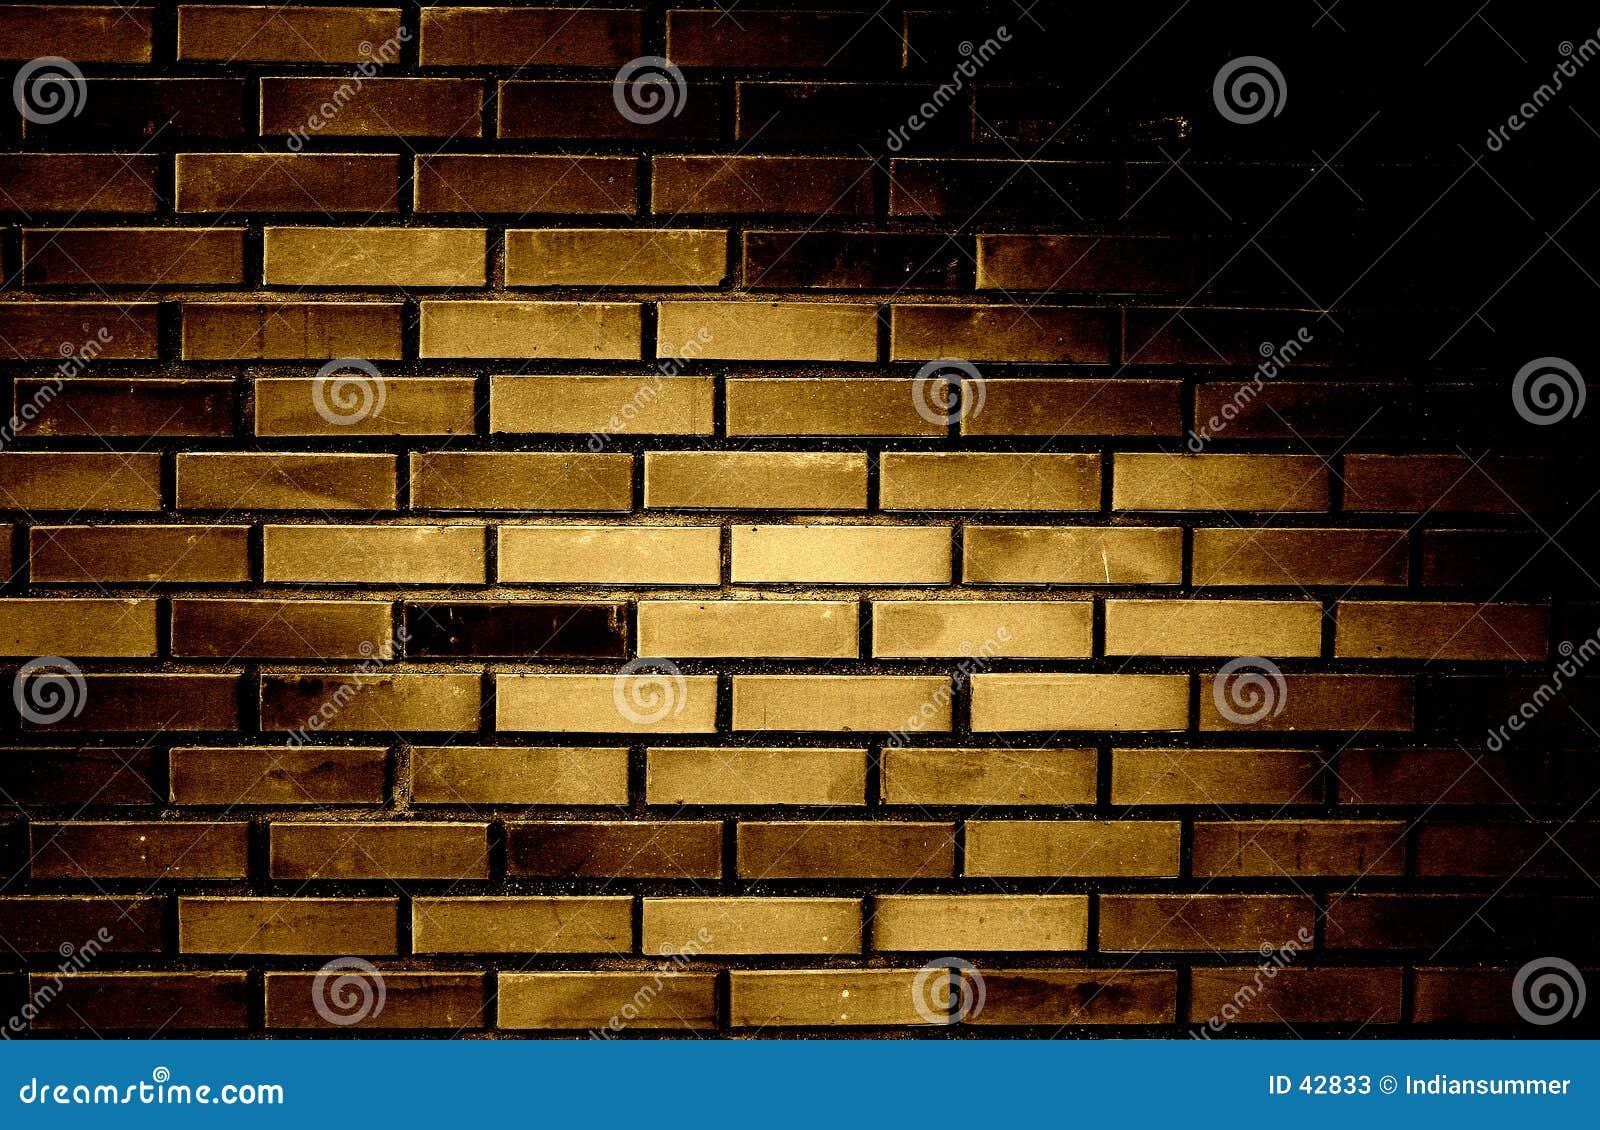 Download De Bakstenen Muurtextuur Van Grunge Stock Afbeelding - Afbeelding bestaande uit textuur, architectuur: 42833